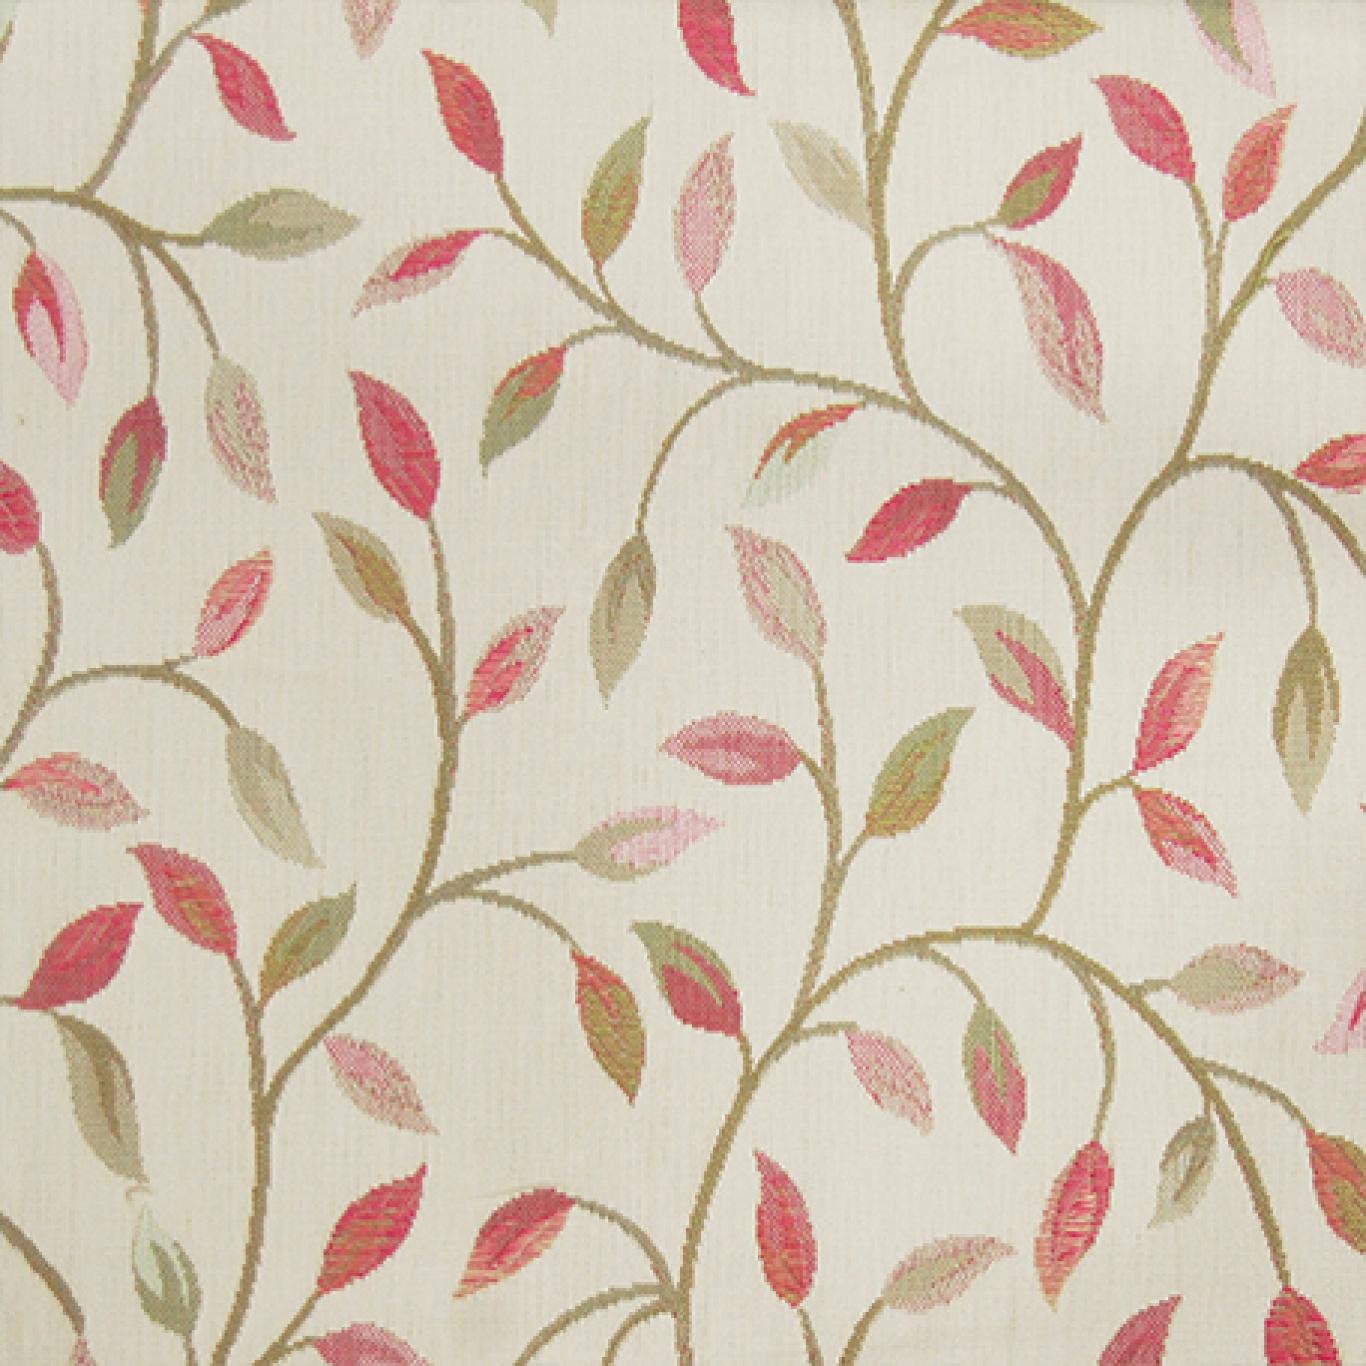 Curtain Fabric Gordon Smith Malvern Ltd Voyage Cervino Forest Green Curtain